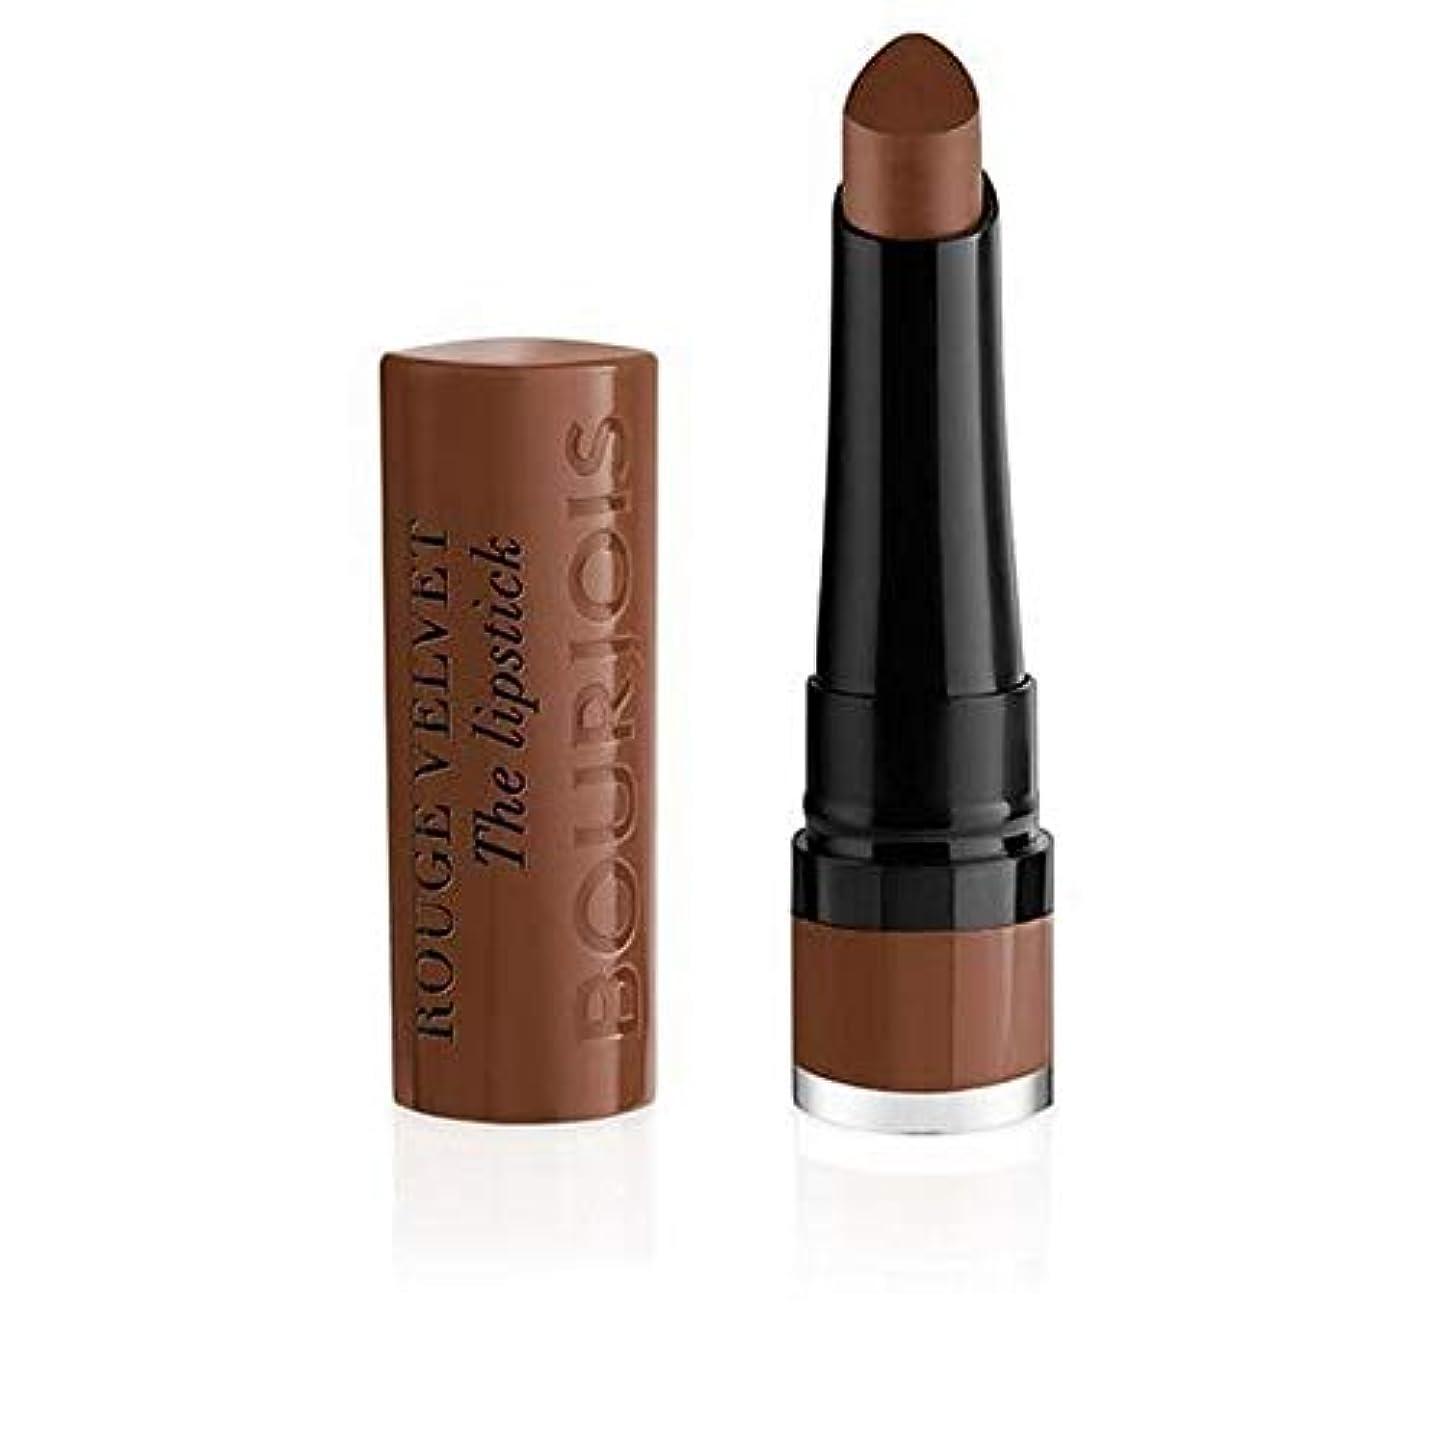 全能崇拝します信頼性のある[Bourjois ] ブルジョワルージュのベルベット口紅 - Brownette 14 - Bourjois Rouge Velvet The Lipstick - Brownette 14 [並行輸入品]